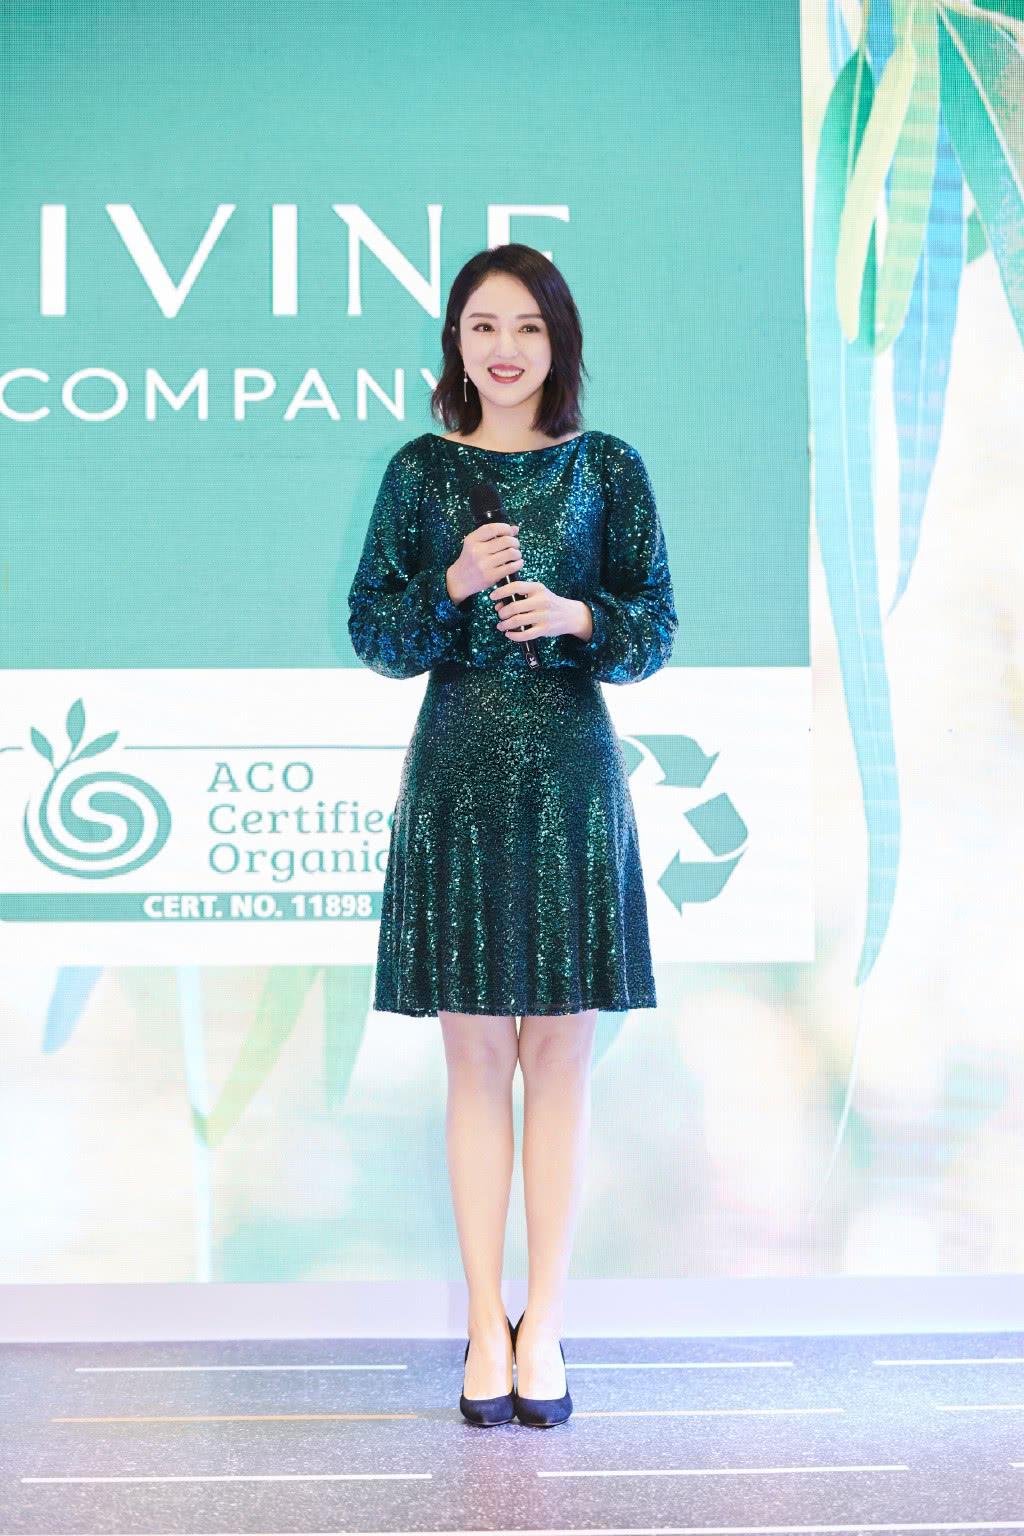 董璇离婚后更美了,穿墨绿色亮片裙配高跟鞋,转身后背性感吸睛